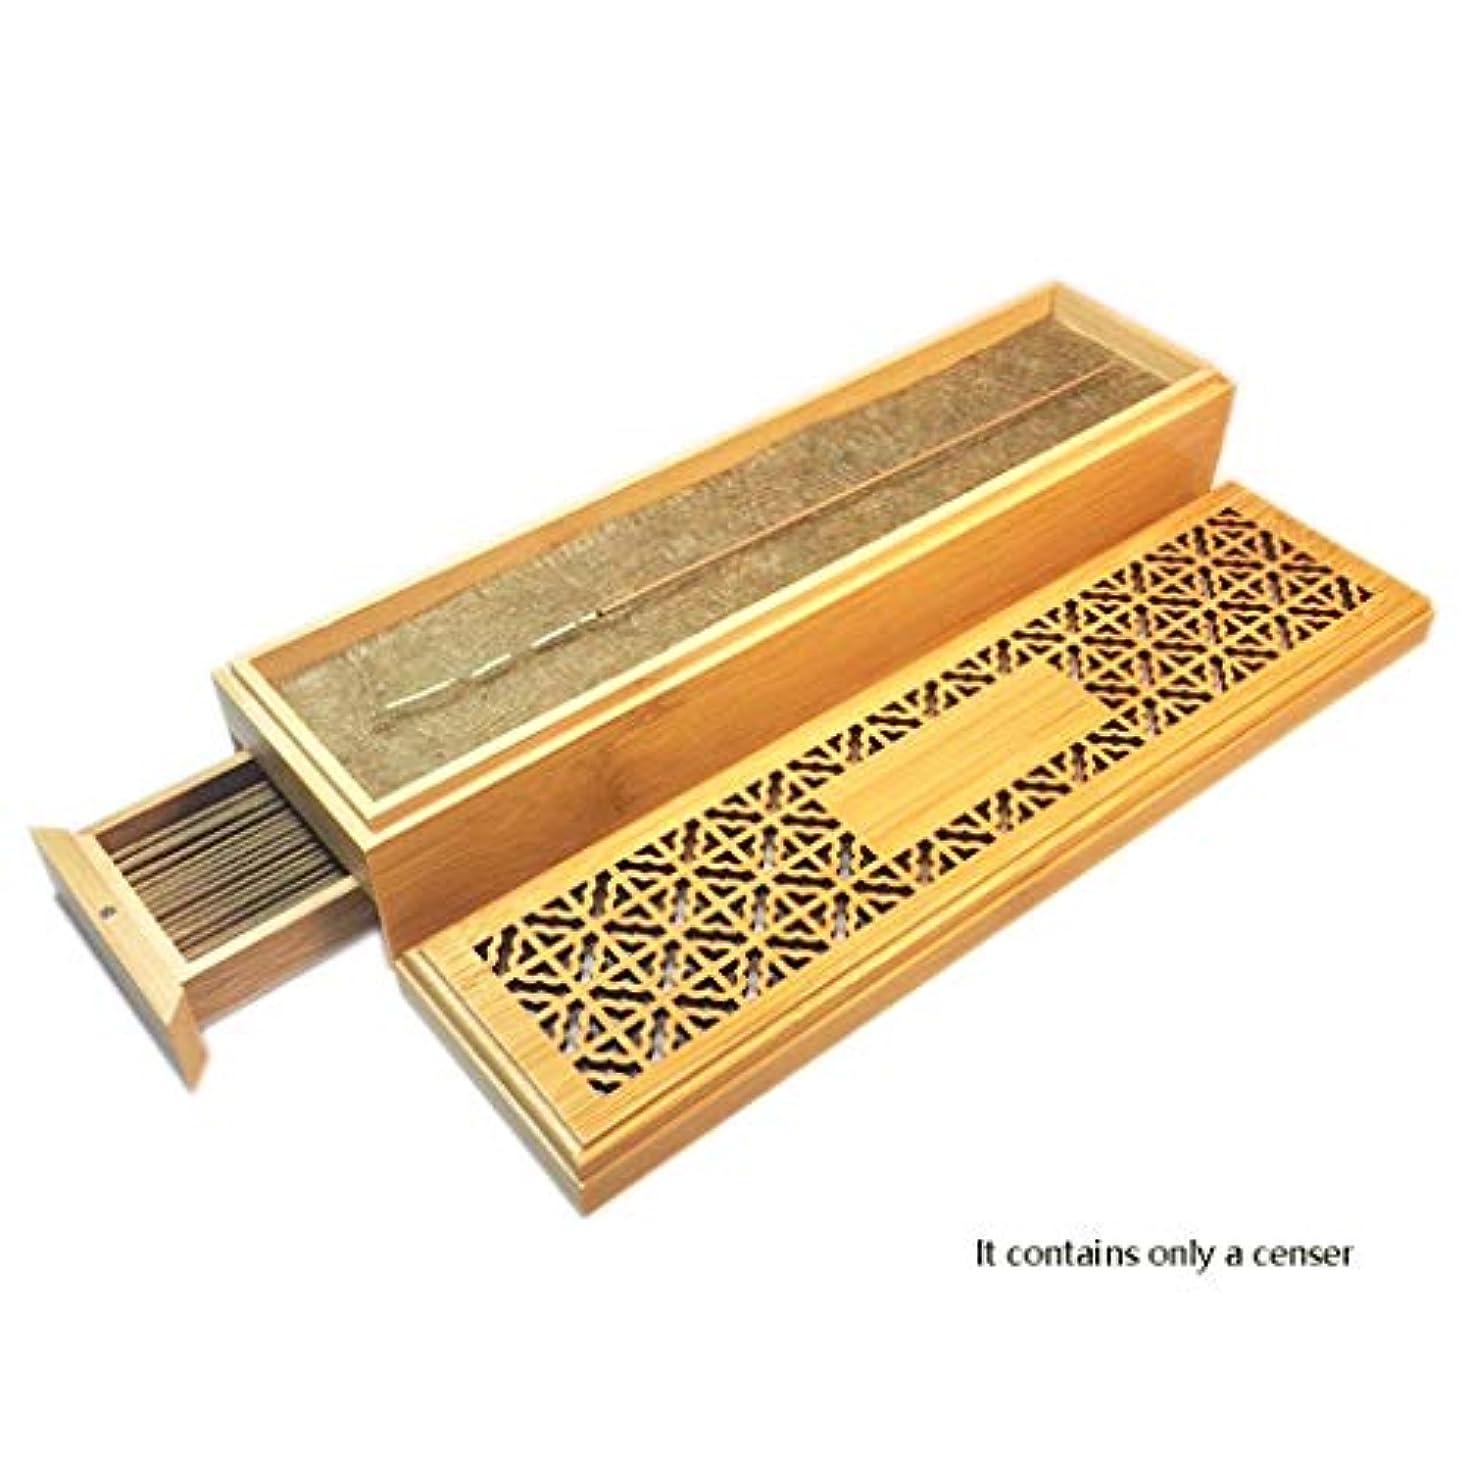 雄弁な国家雄弁ホームアロマバーナー 竹製お香バーナー引き出し付スティック収納ボックス中空木製ケースボックスIncensoスティックホルダー 芳香器アロマバーナー (Color : Natural)